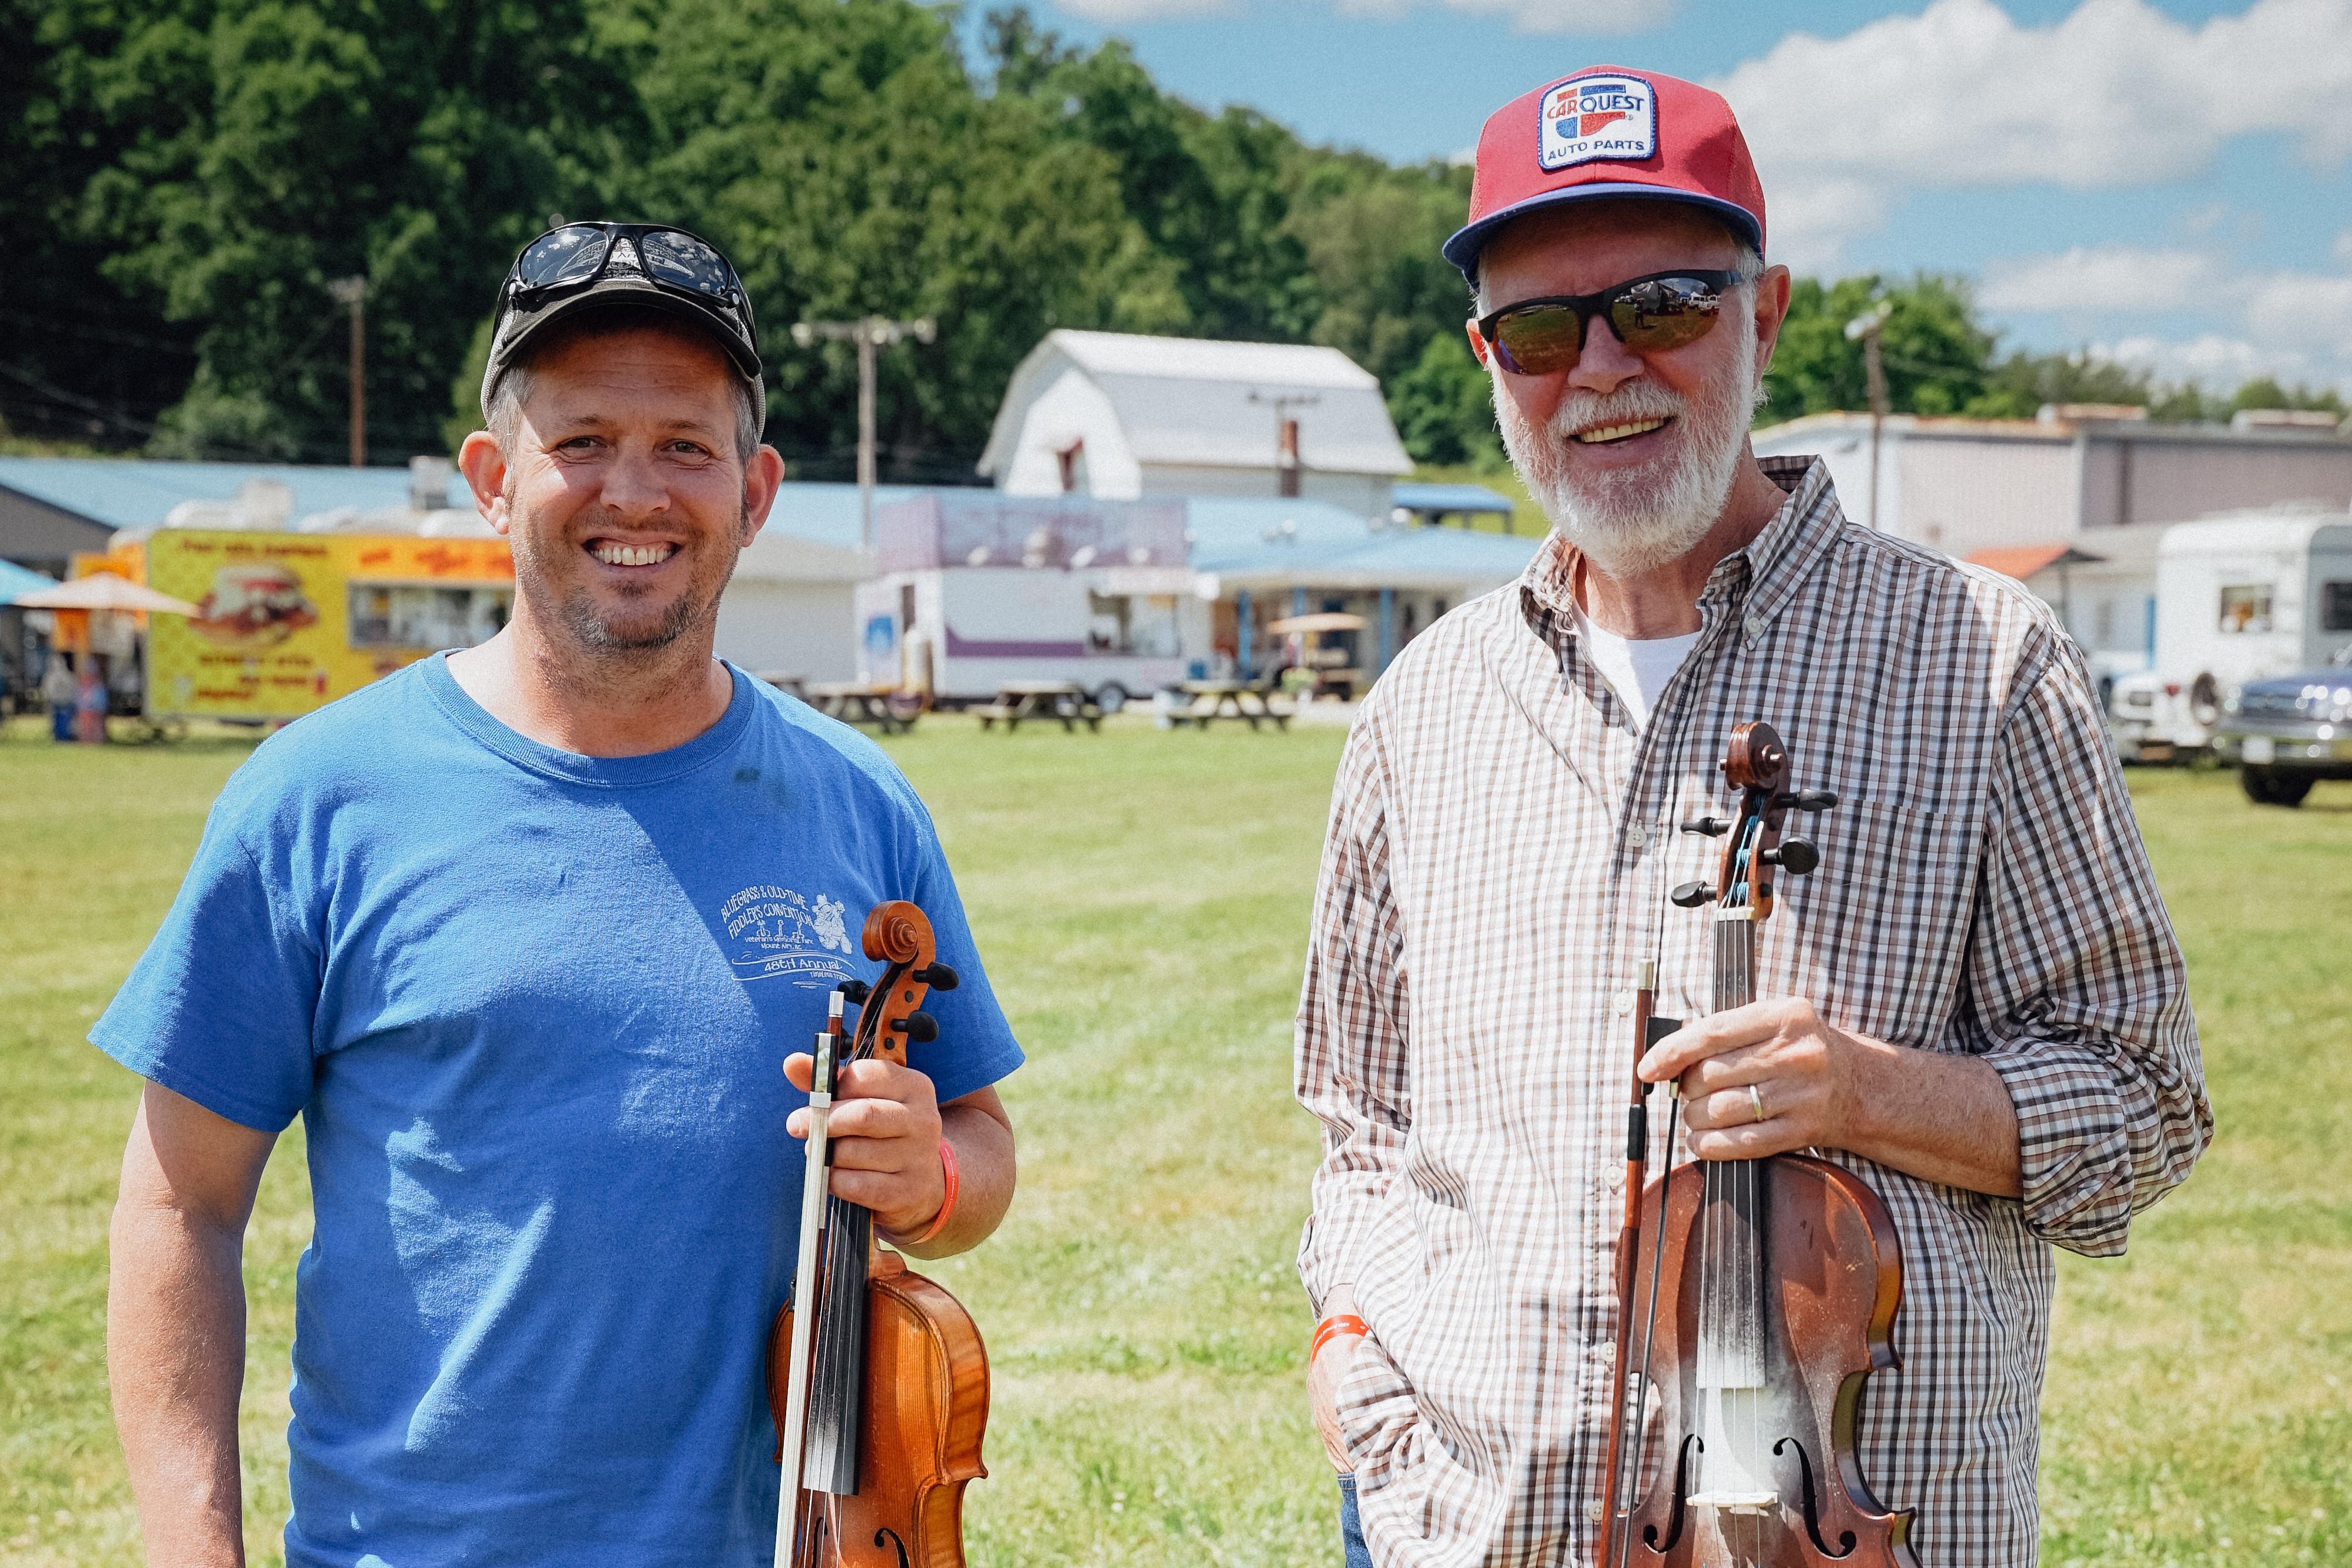 乍得里奇, 一个拿着小提琴的白人, 站在理查德·鲍曼旁边的草坪上, 一个年长的白人也拿着一把小提琴.